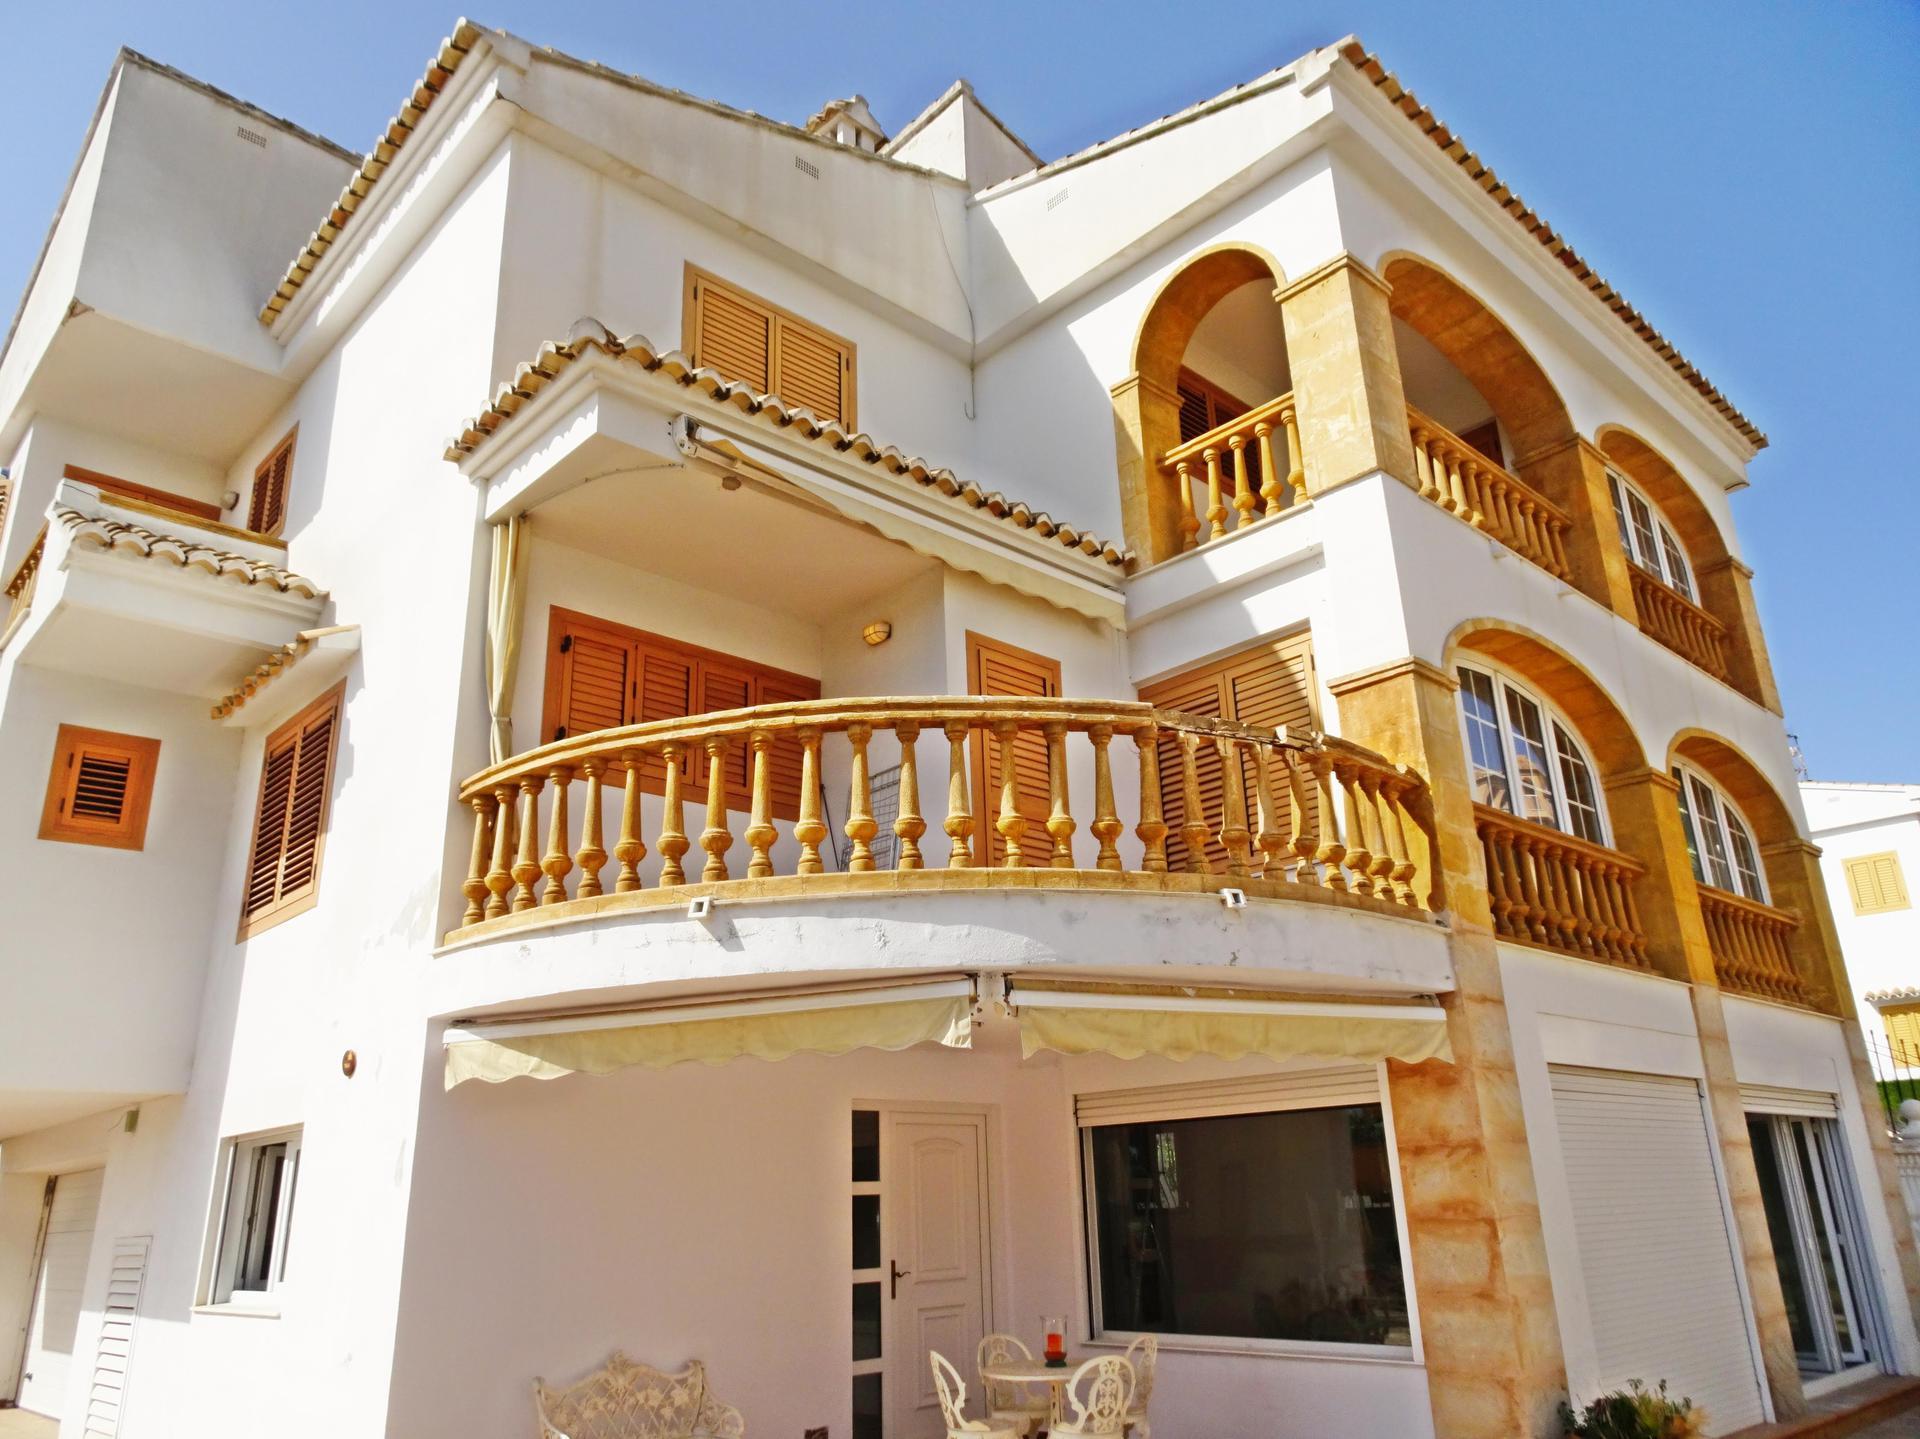 Einfamilienhaus -                                       Gandia -                                       5 Schlafzimmer -                                       10 Personen